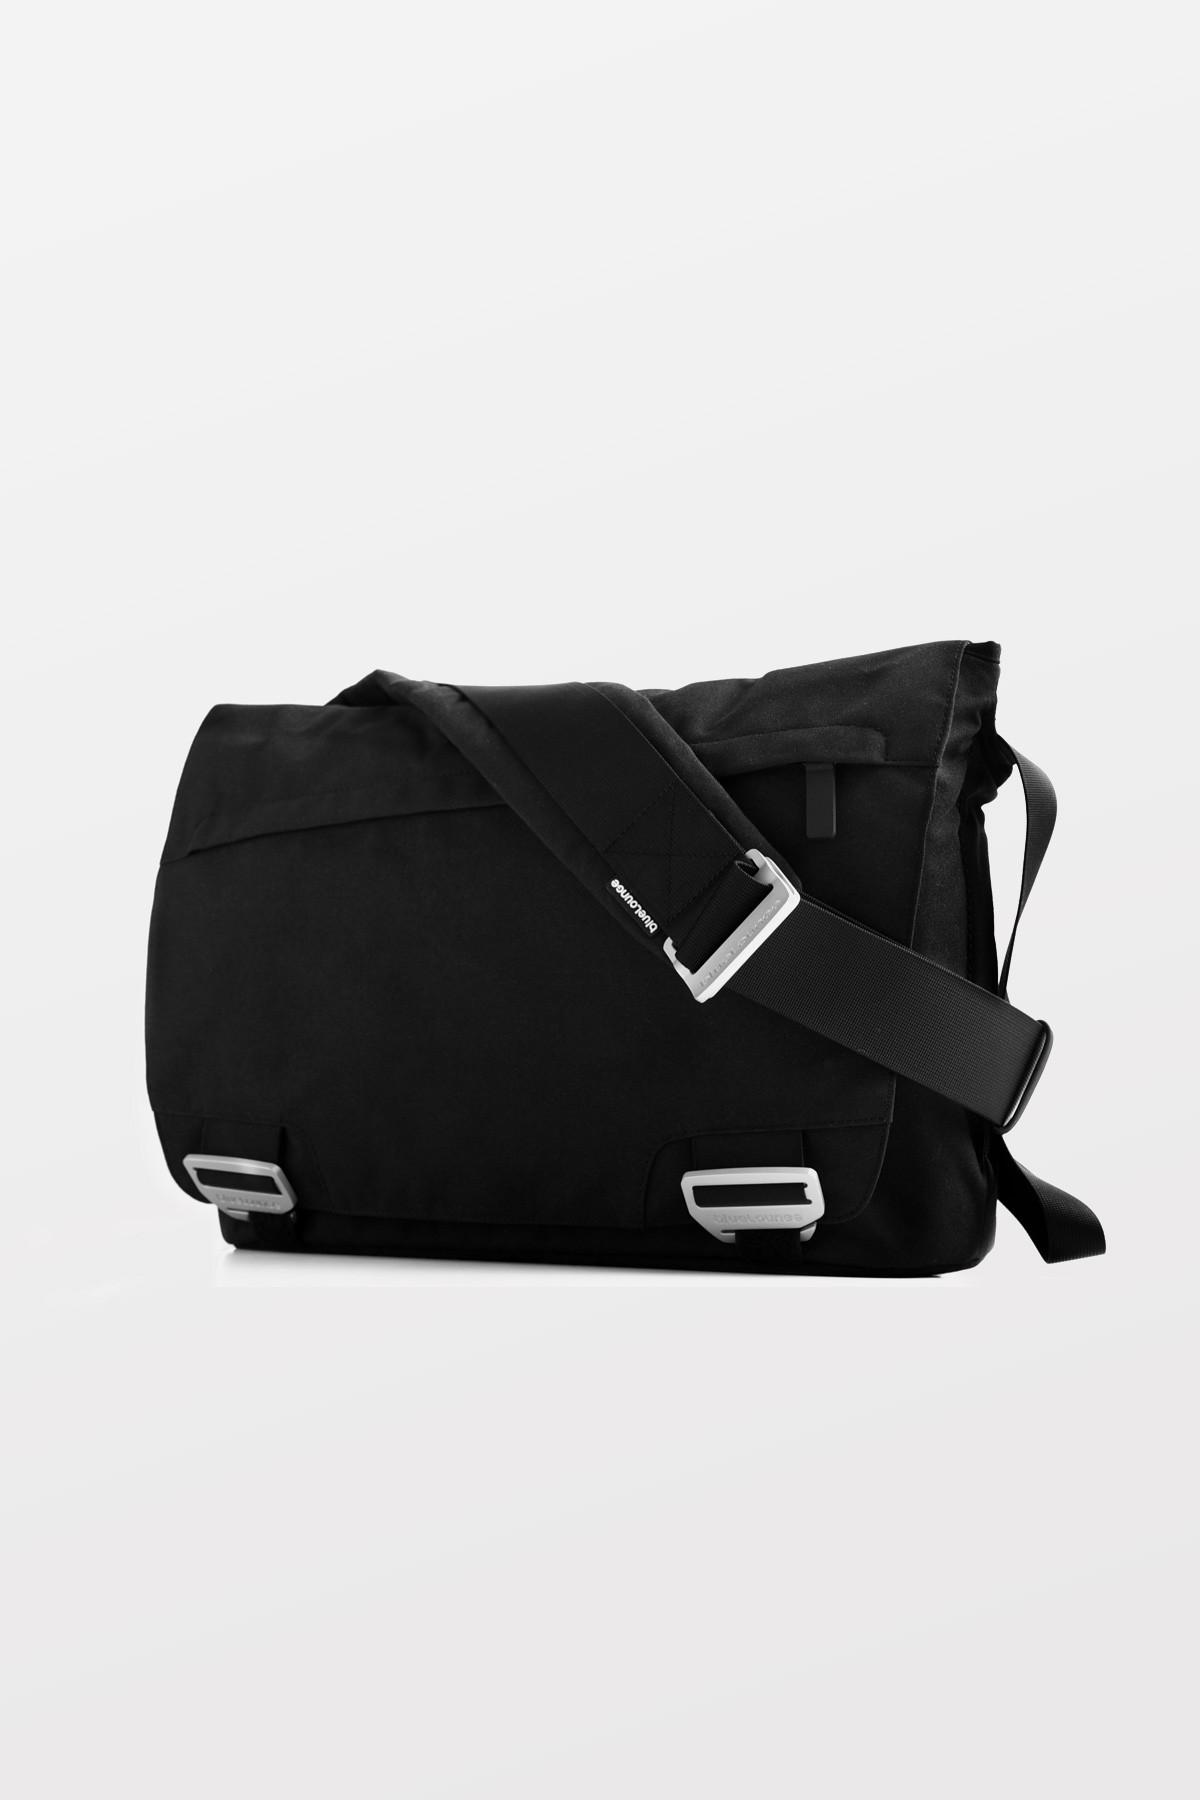 Bluelounge Messenger Bag Large - Black